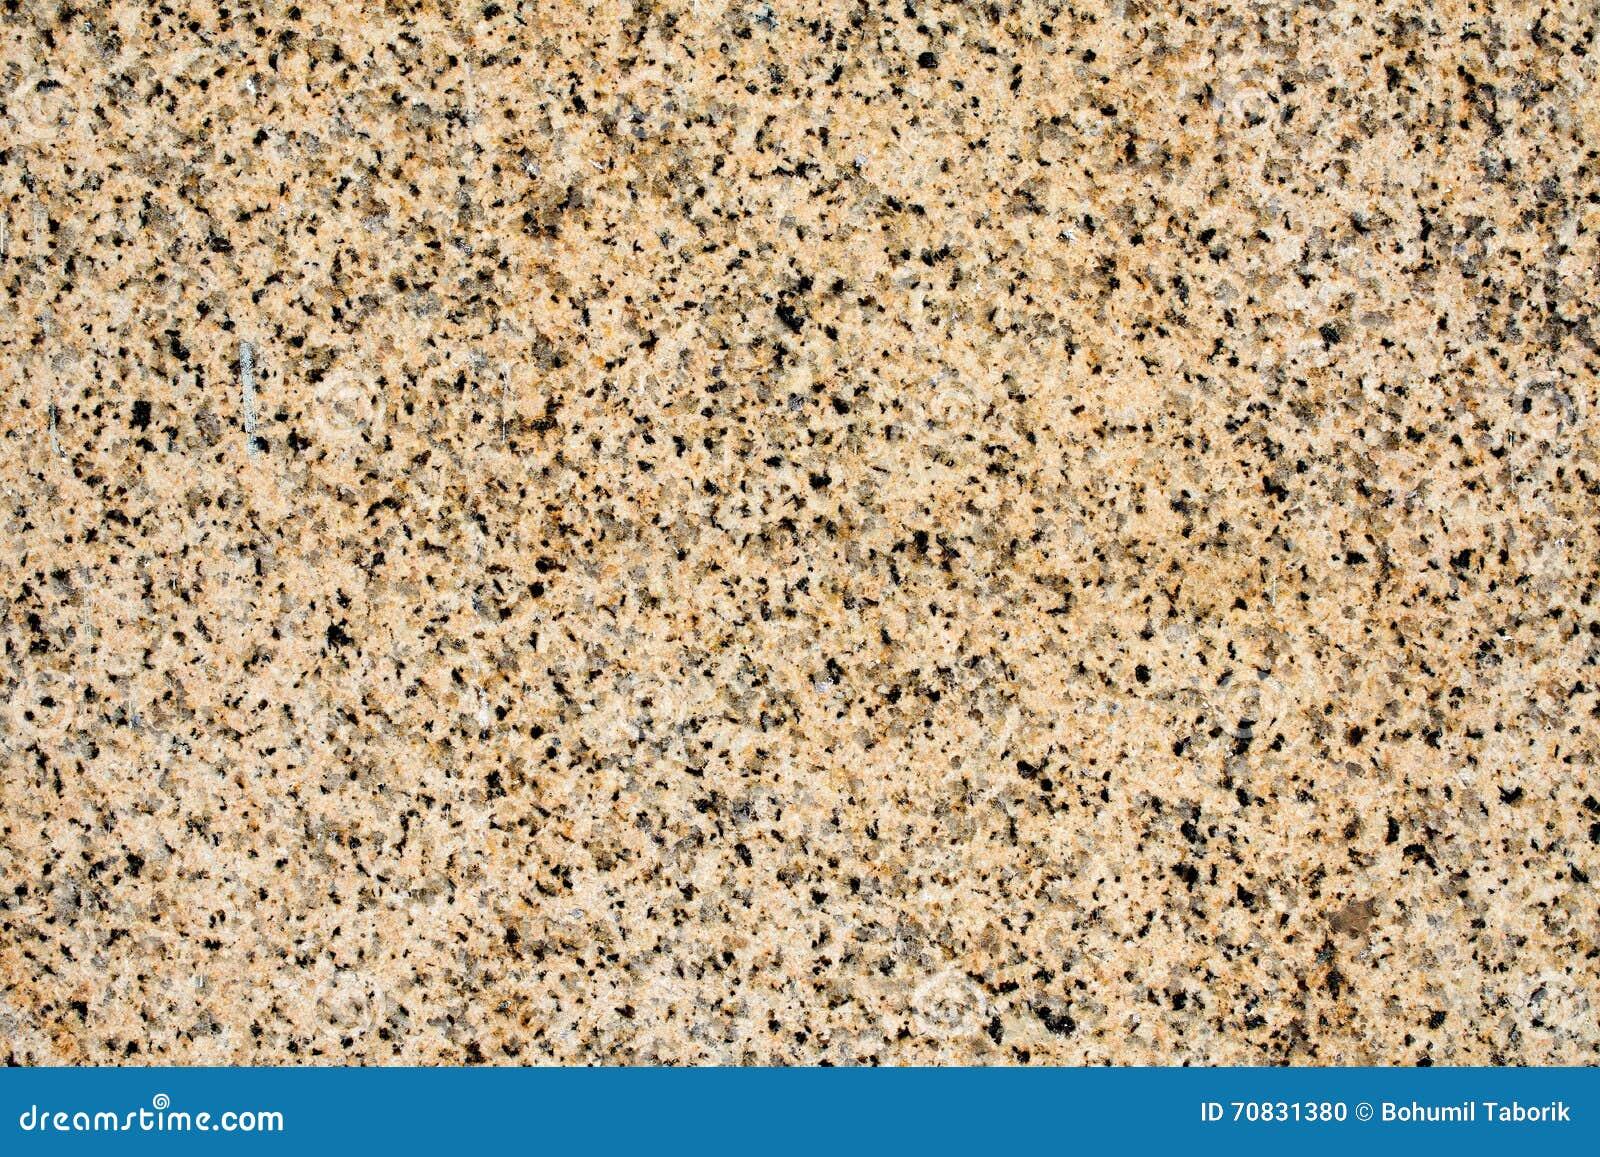 Polichromiczna dekoracyjna powierzchnia bac - kamień, okrzesany granit -